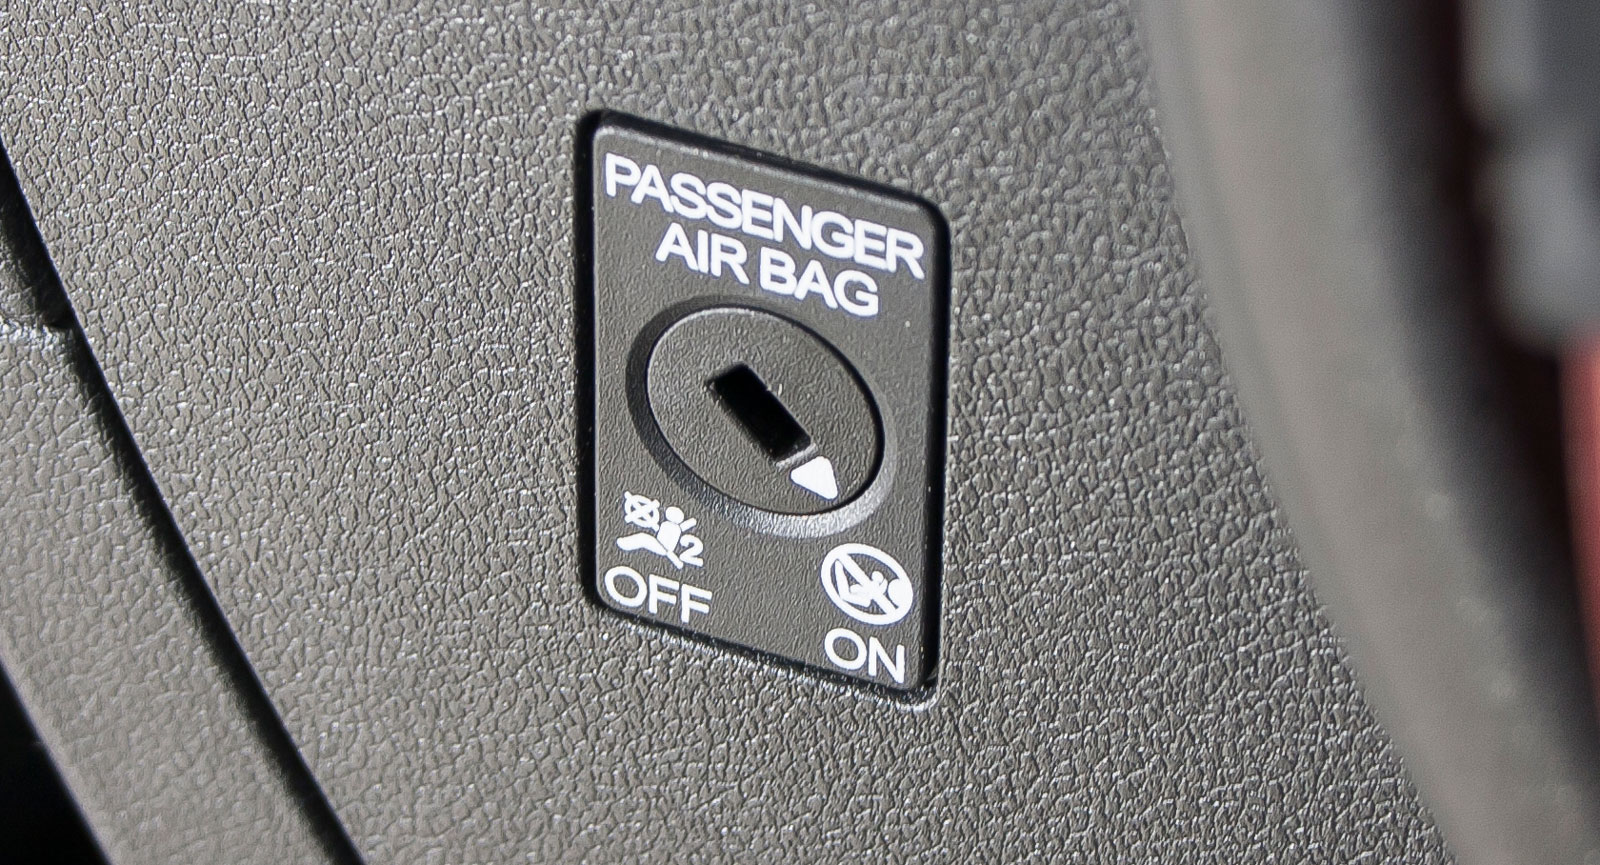 I volkswagen är det enkelt att slå på/av passagerarkrockkudden.